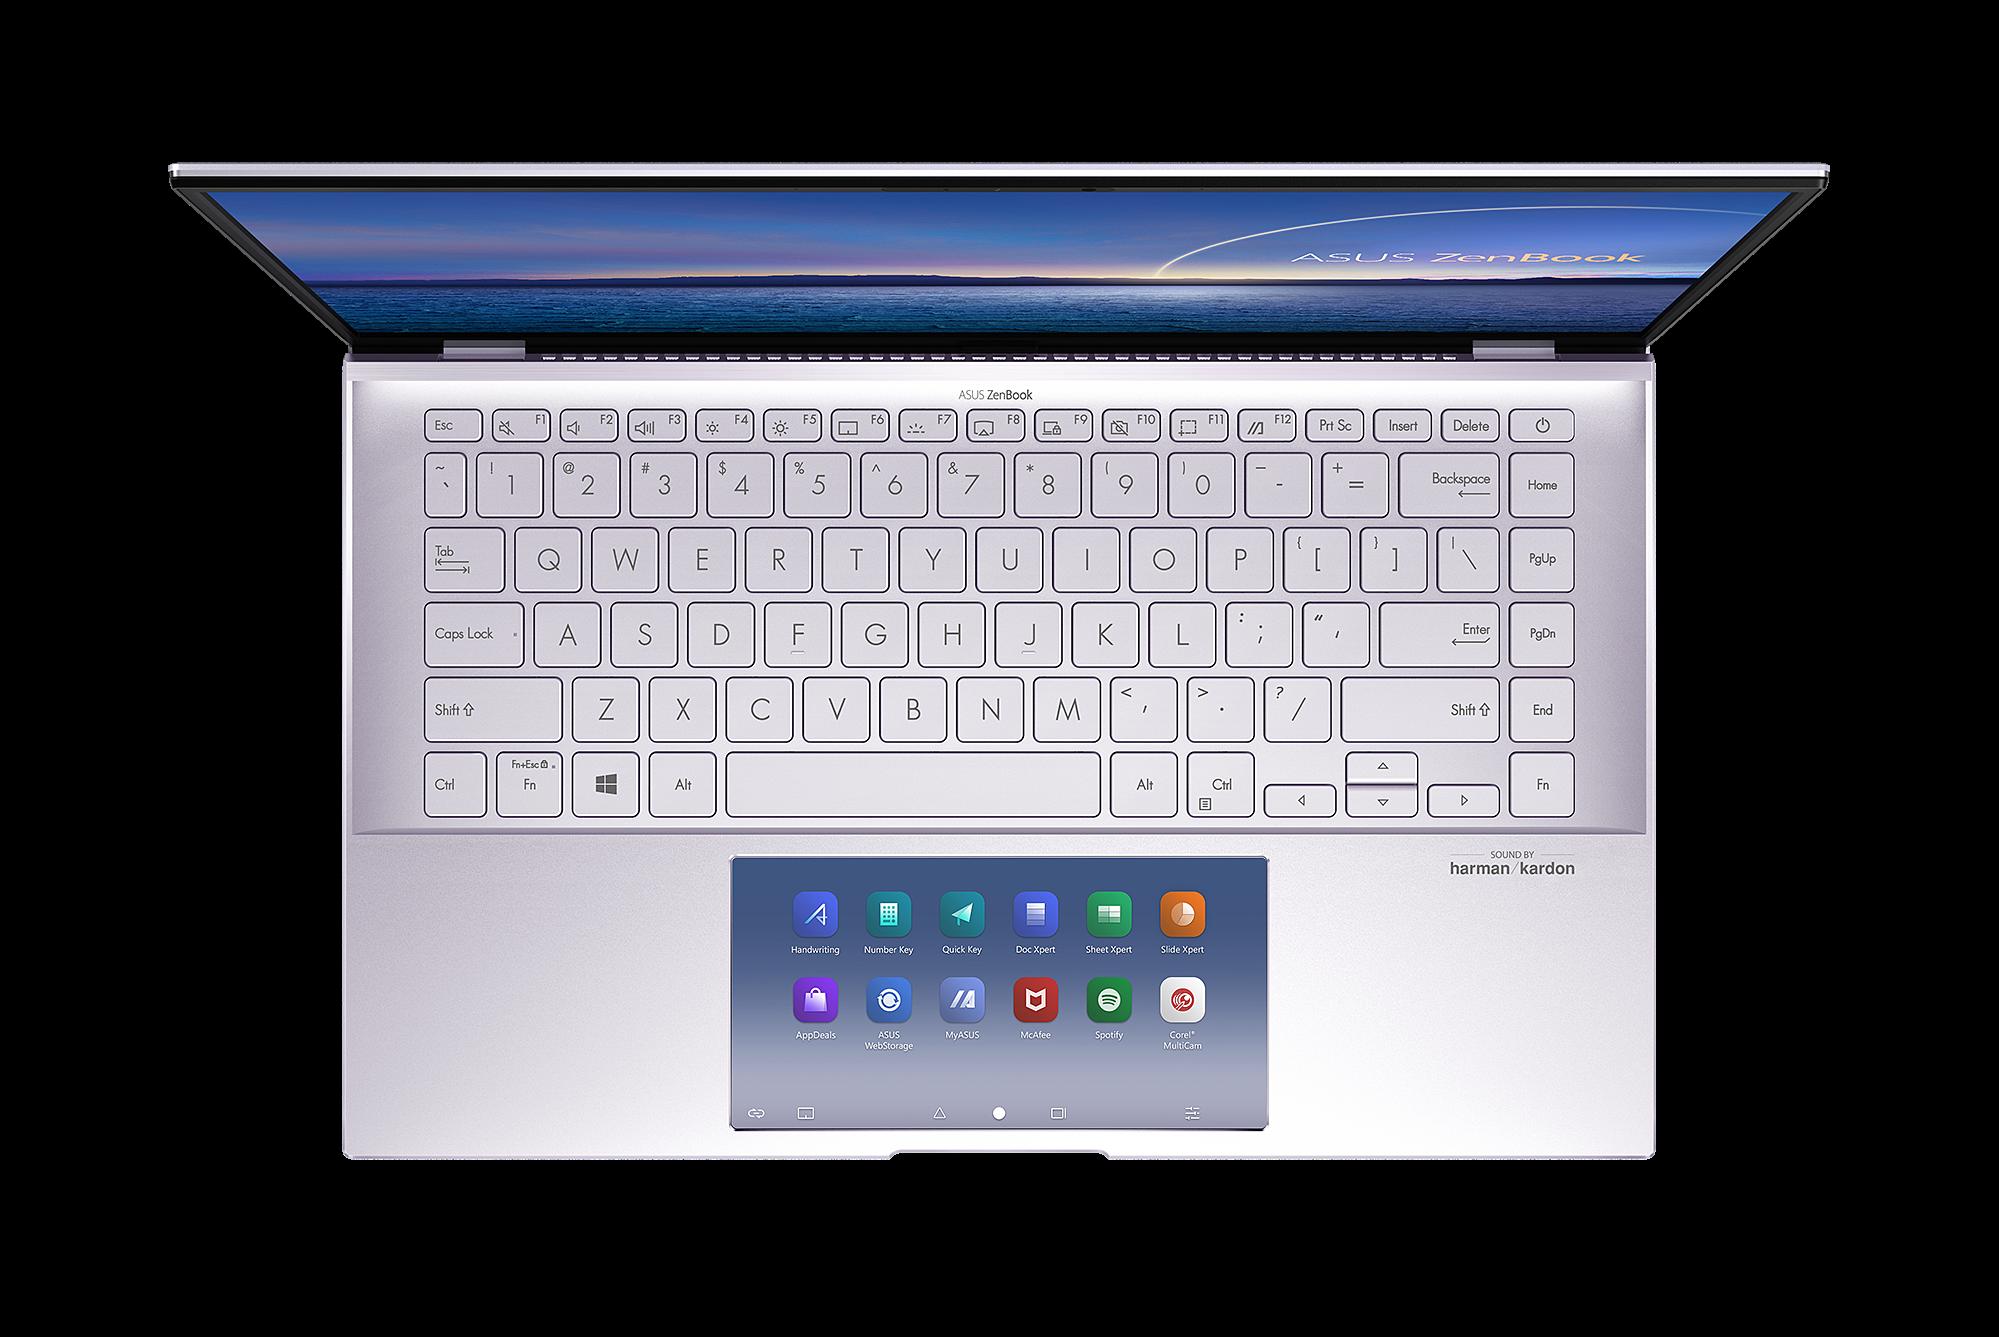 ZenBook 14 UX435 trang bị màn hình phụ ScreenPad với giao diện trực quan tương tự như smartphone.